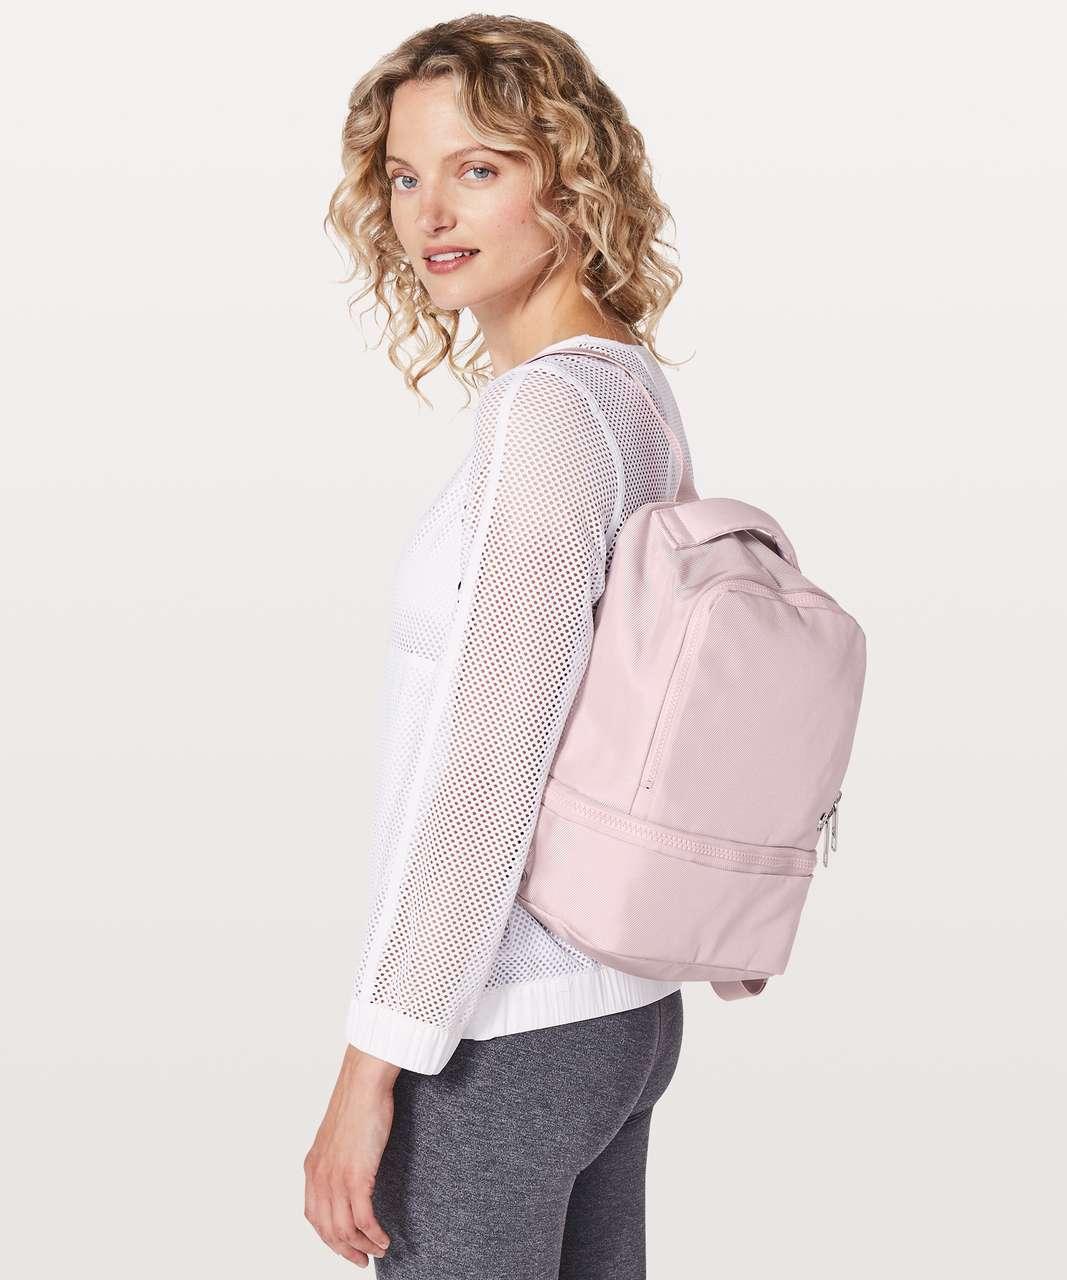 Lululemon City Adventurer Backpack *Mini 12L - Misty Pink